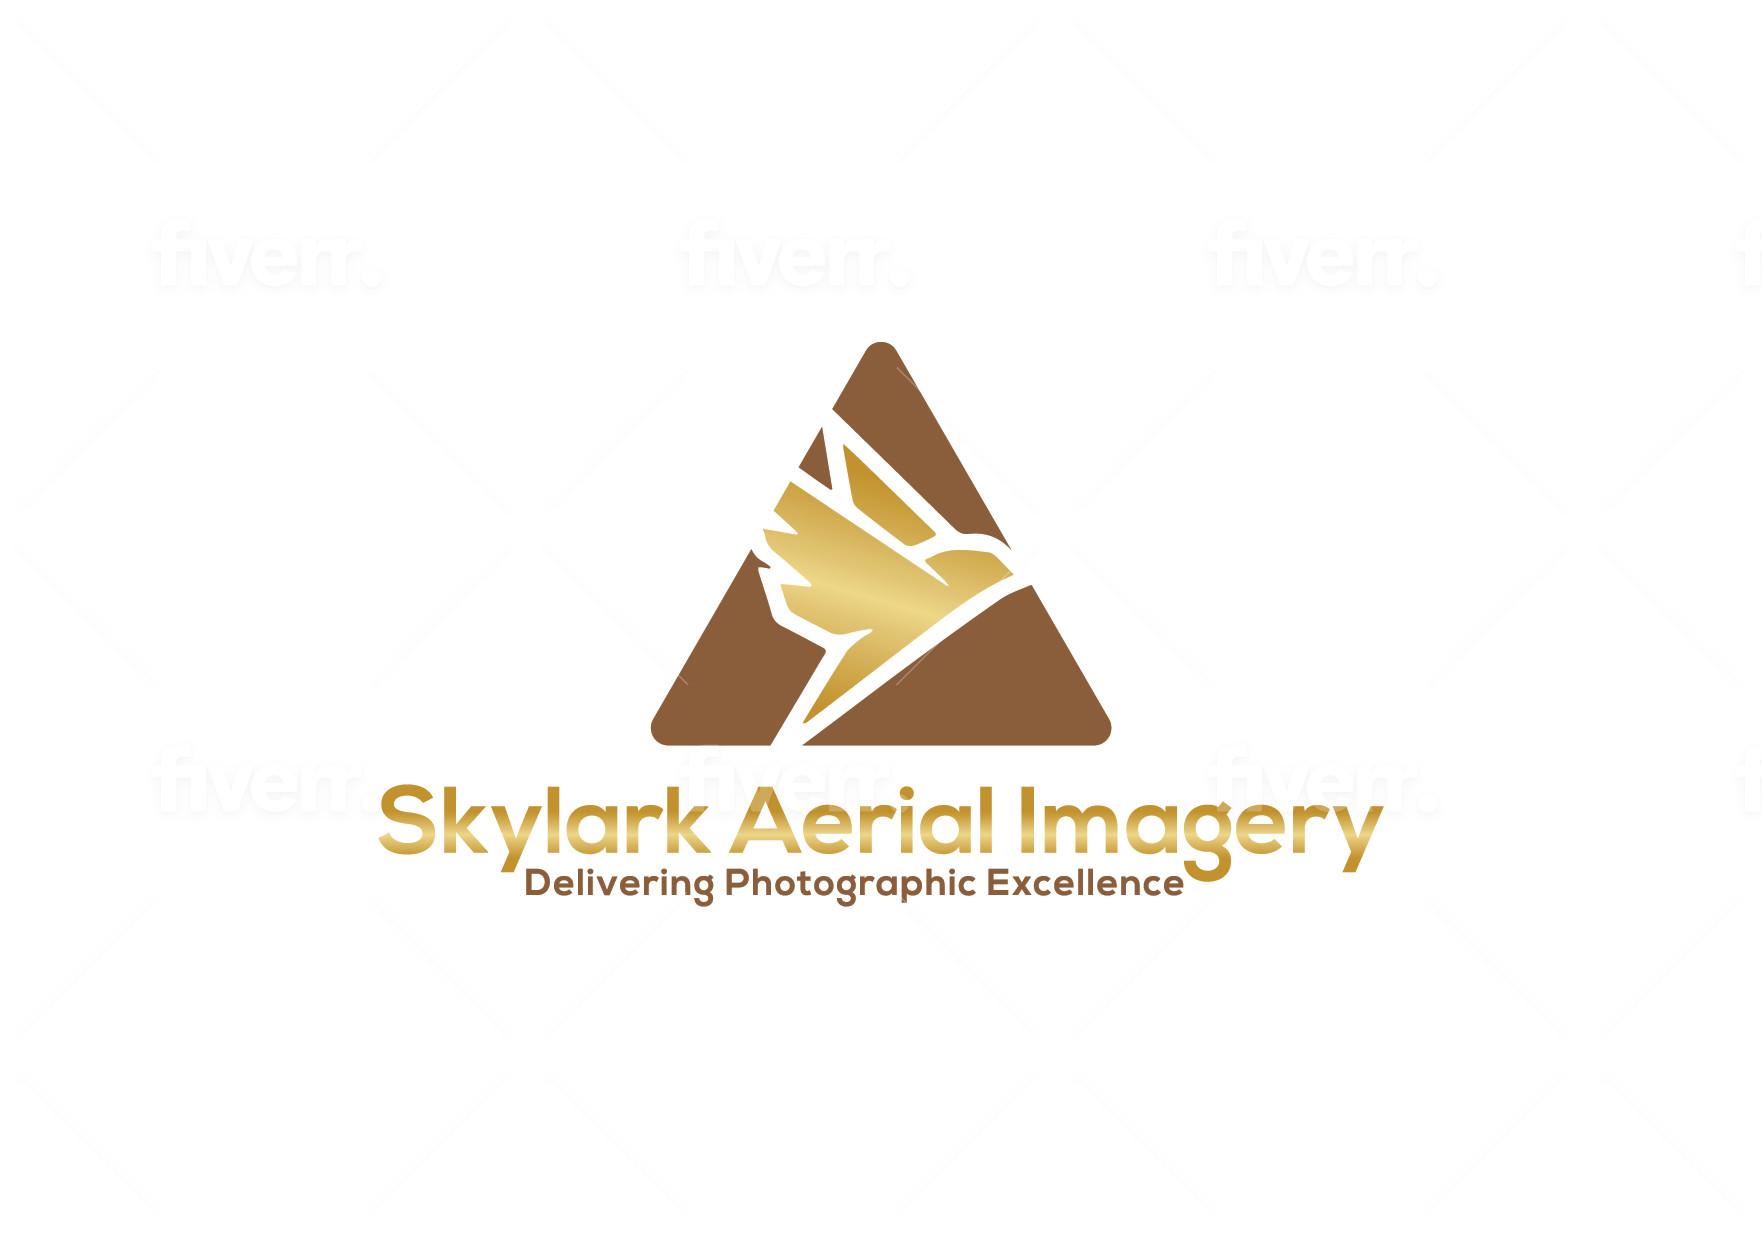 Skylark Aerial Imagery